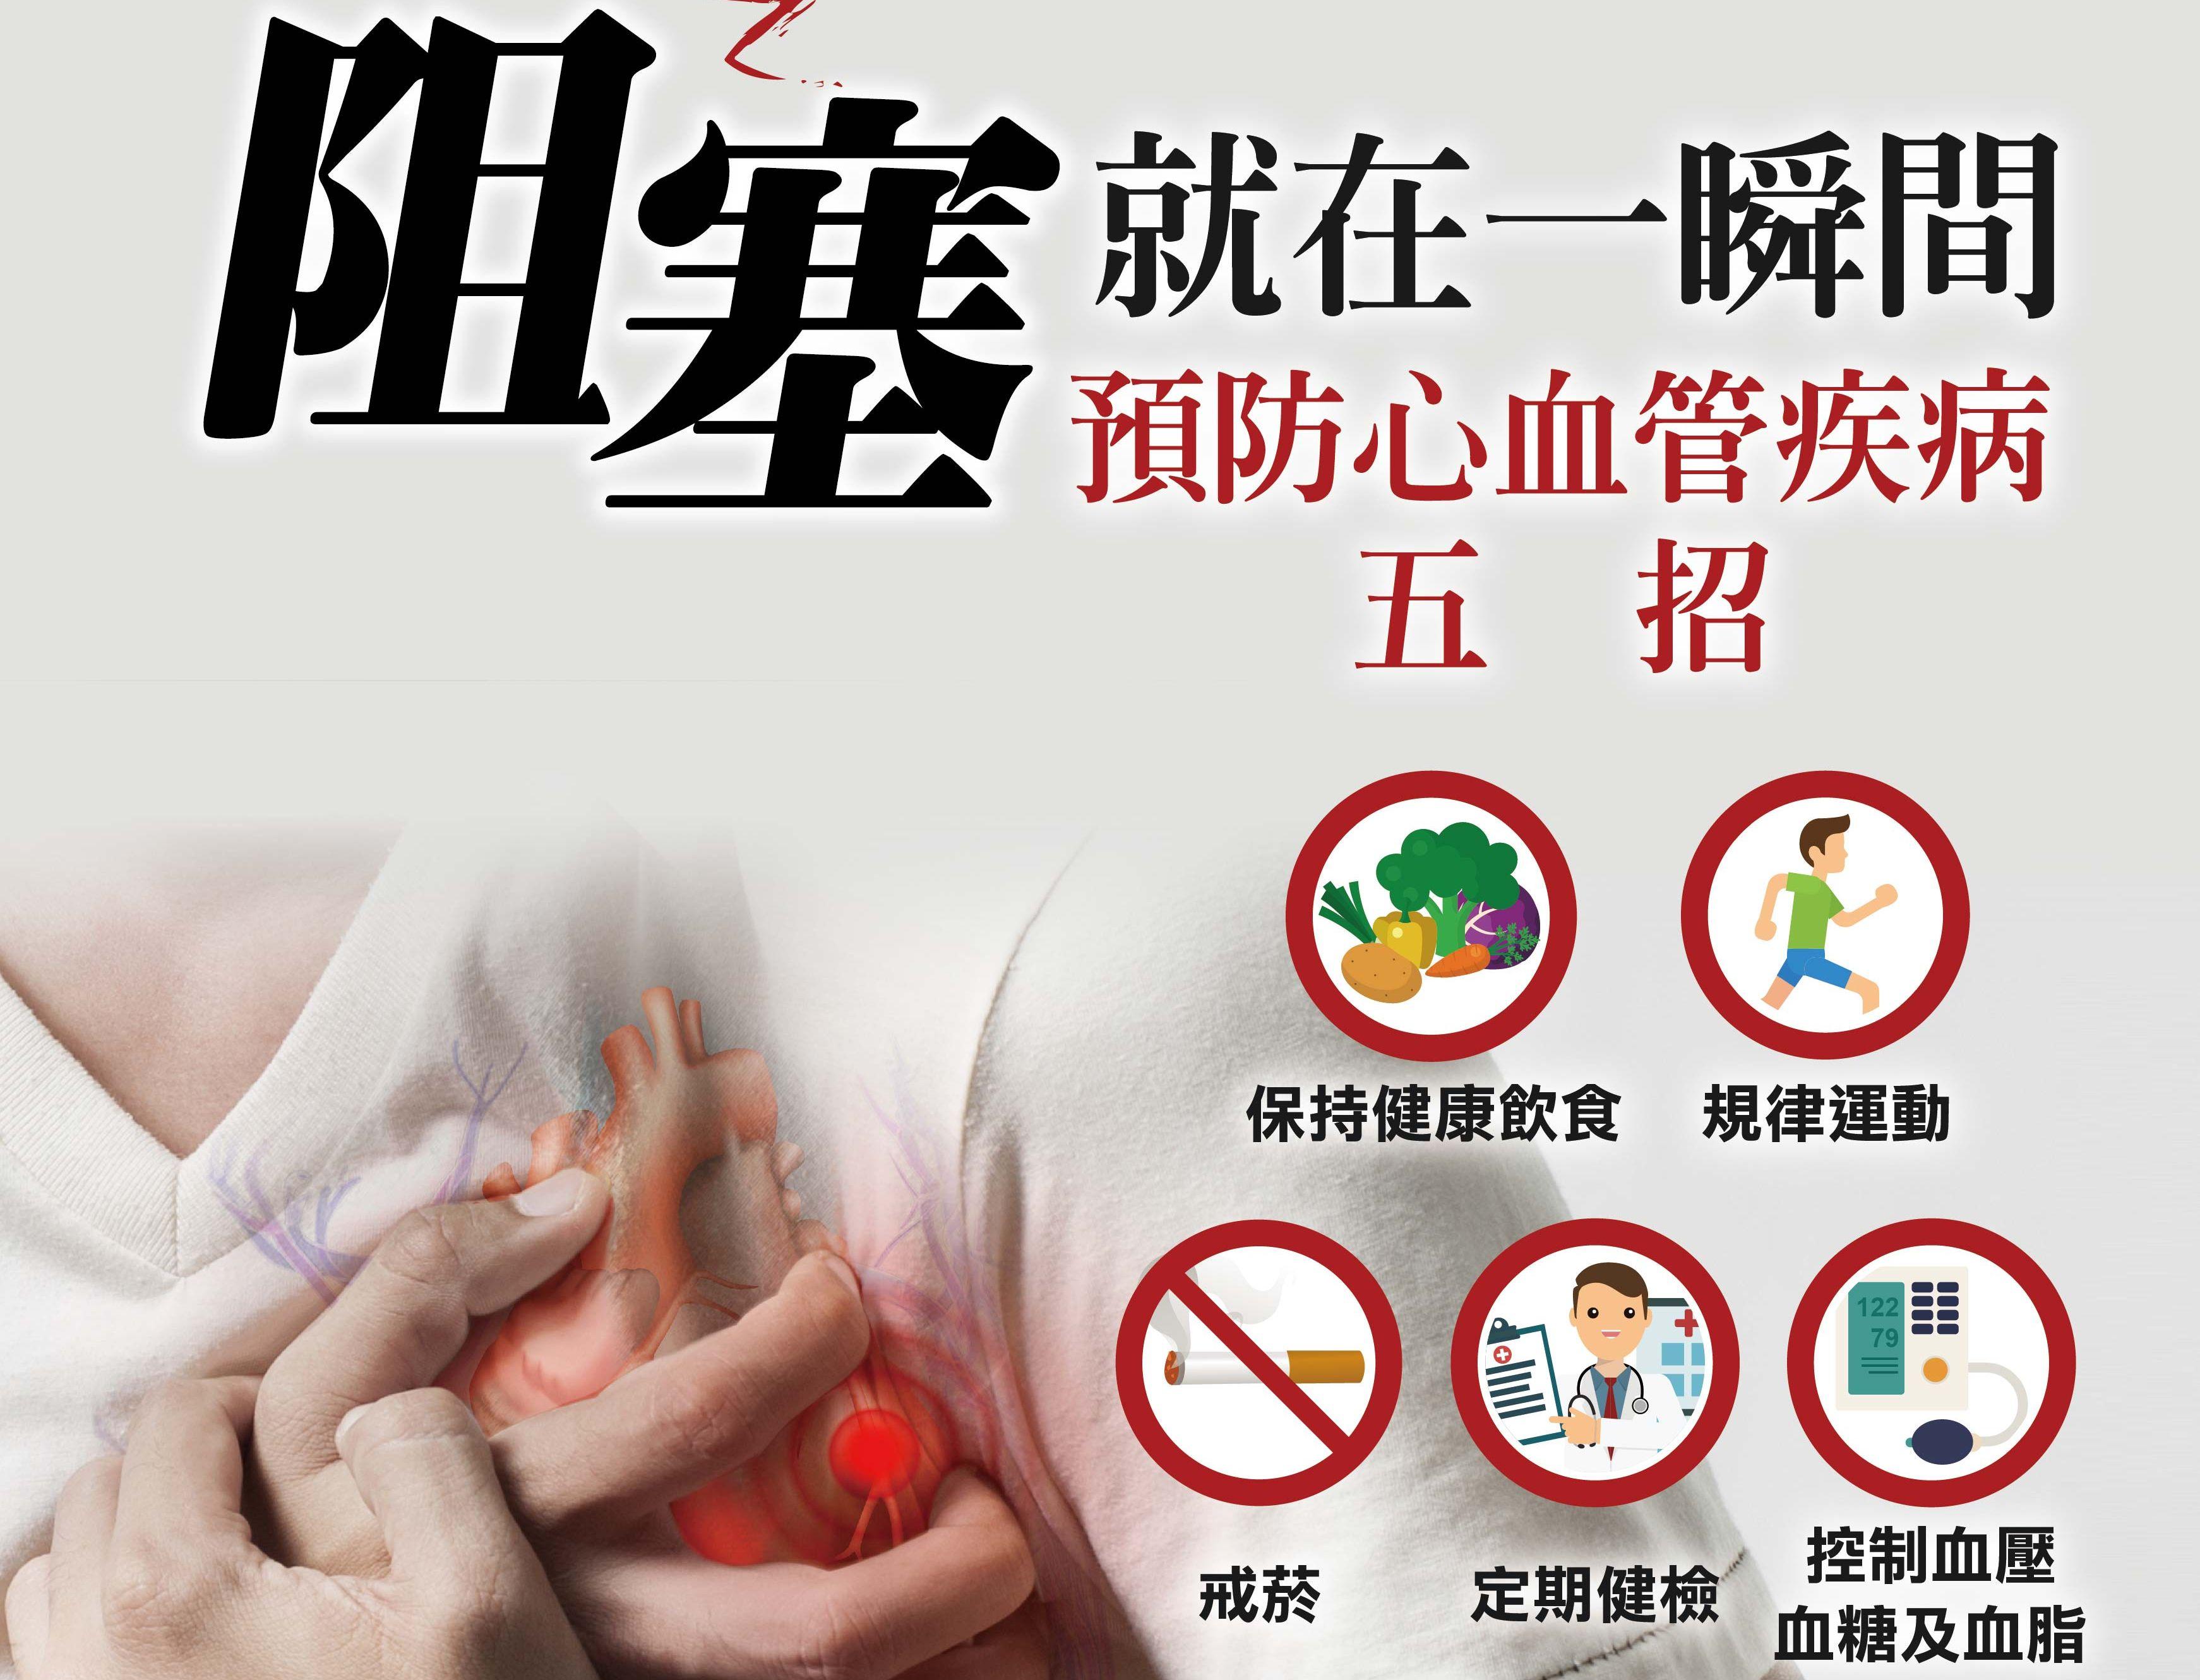 預防心血管疾病女兒提醒篇-台語版